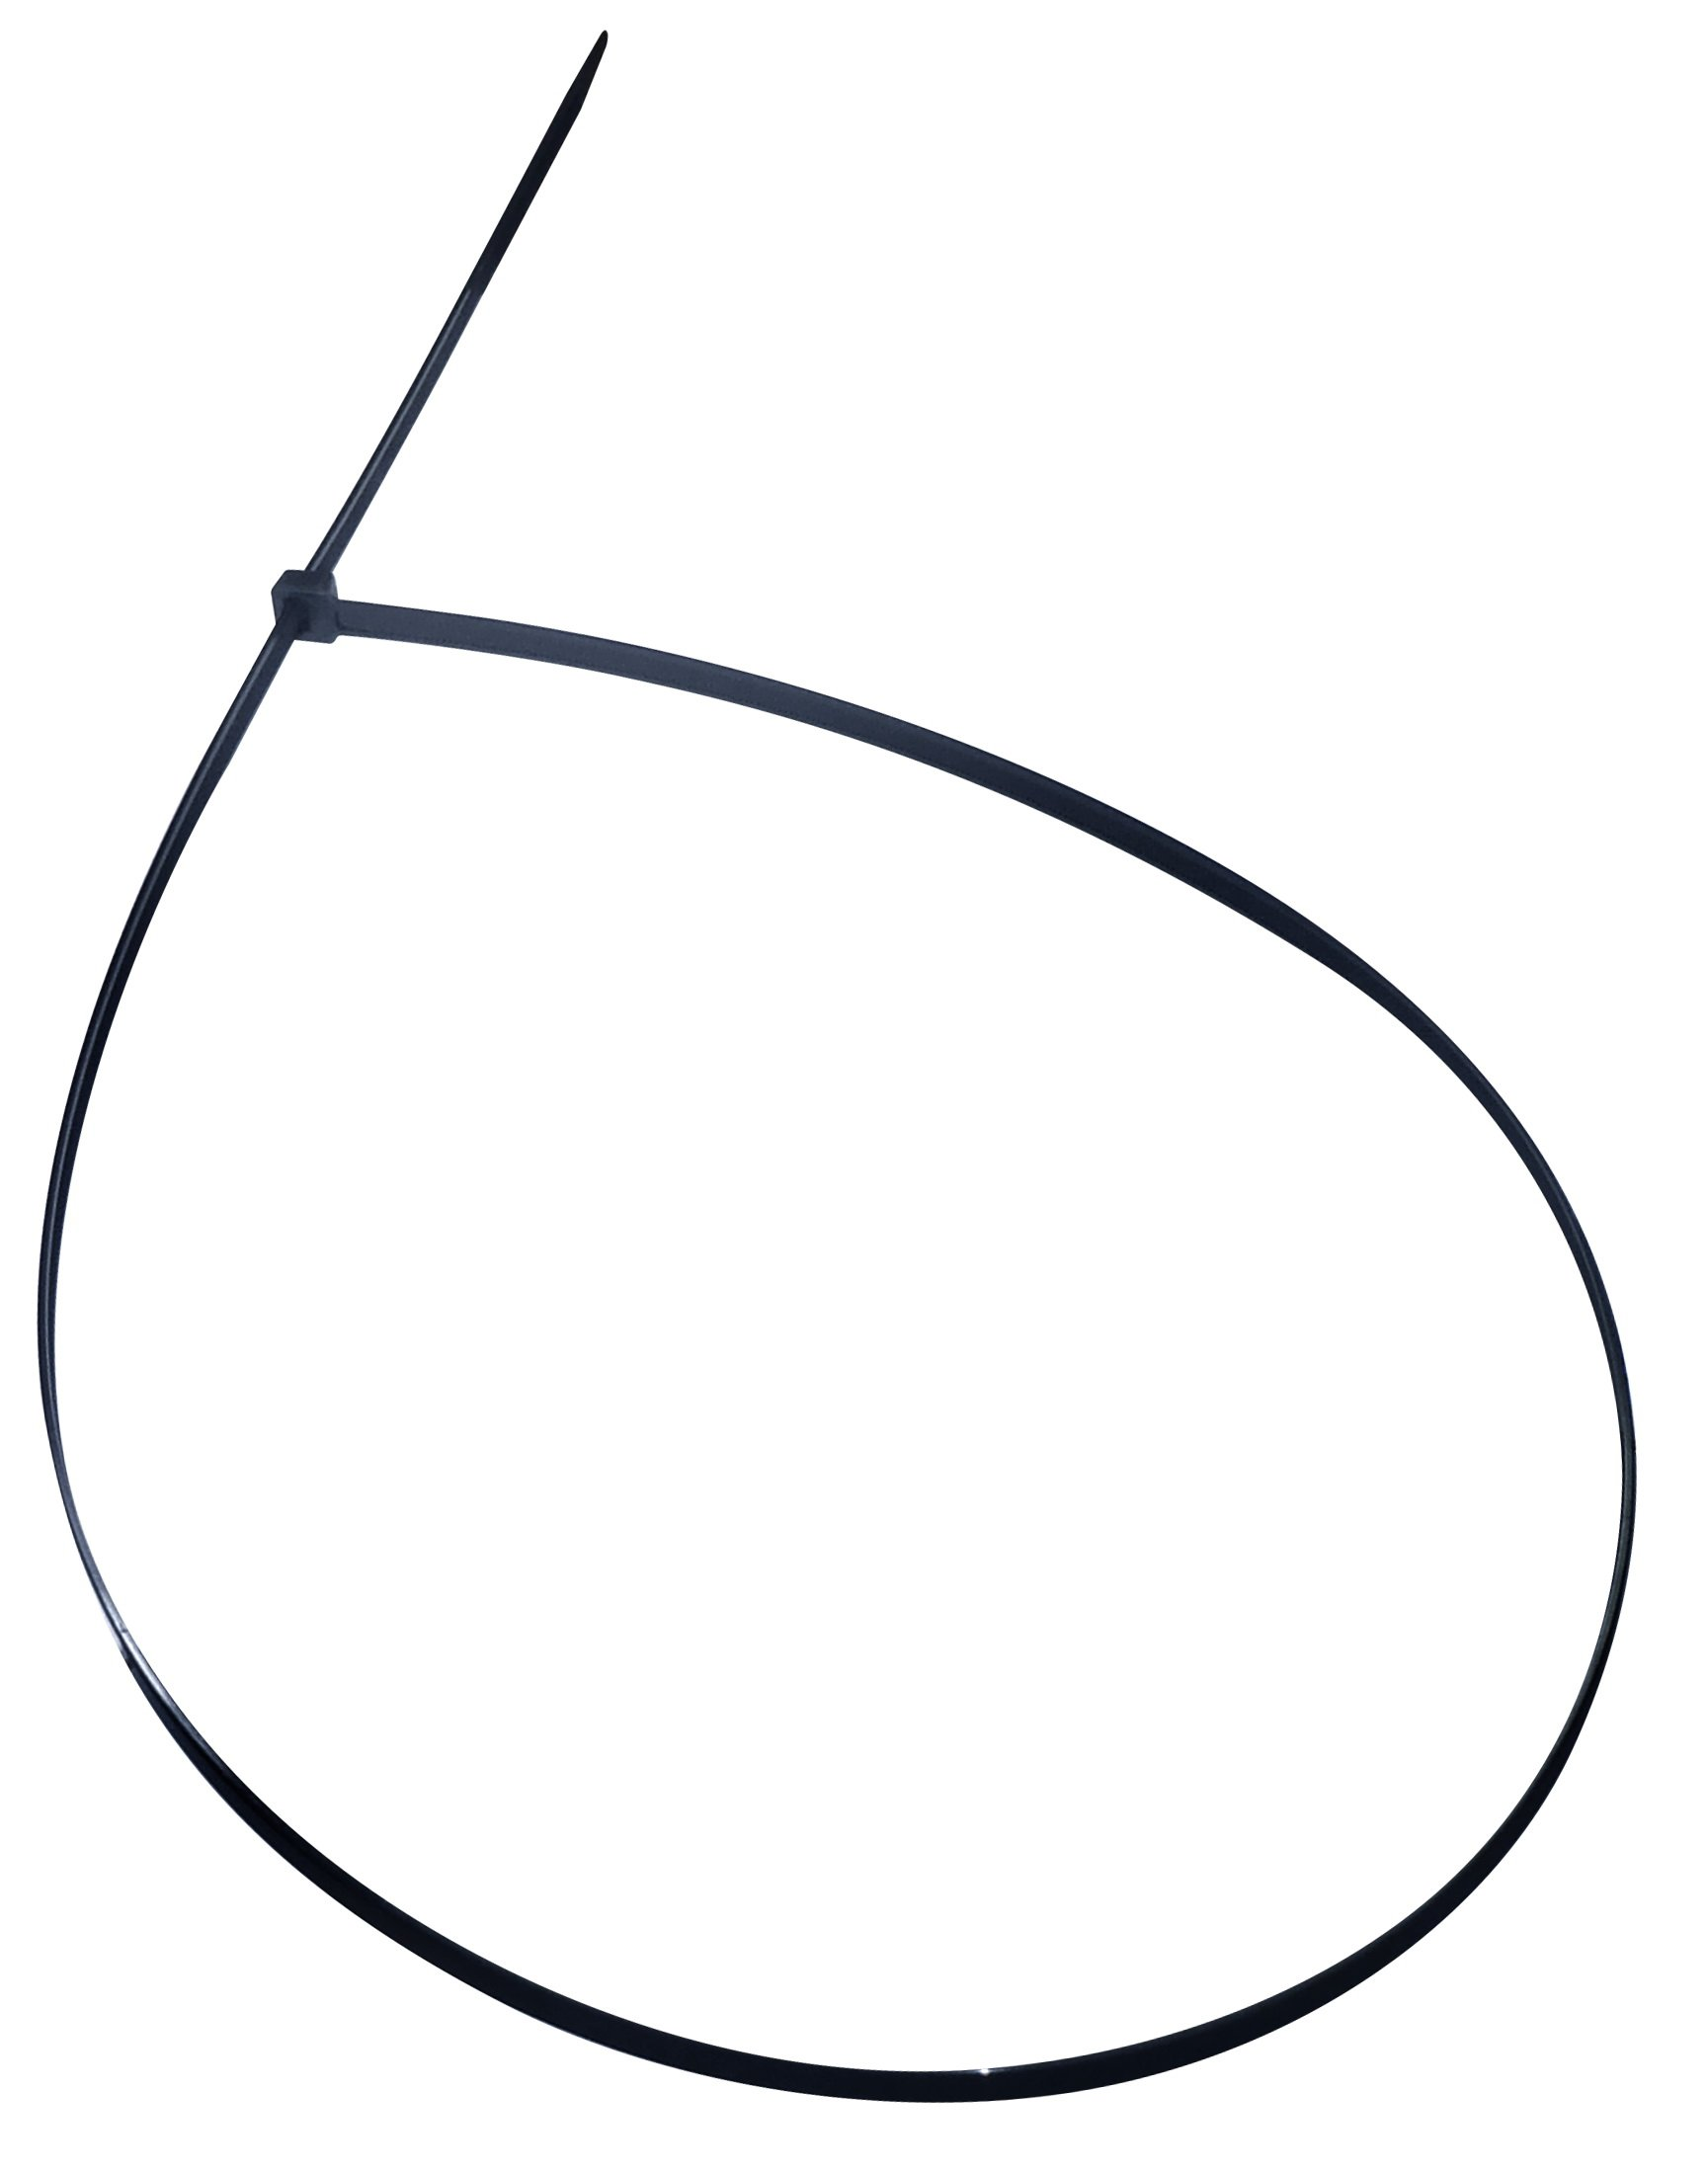 Cambridge Multi Purpose Cable Ties Zip Ties 48 Inch 175 Lb 50 Pieces Heavy Duty UV Black